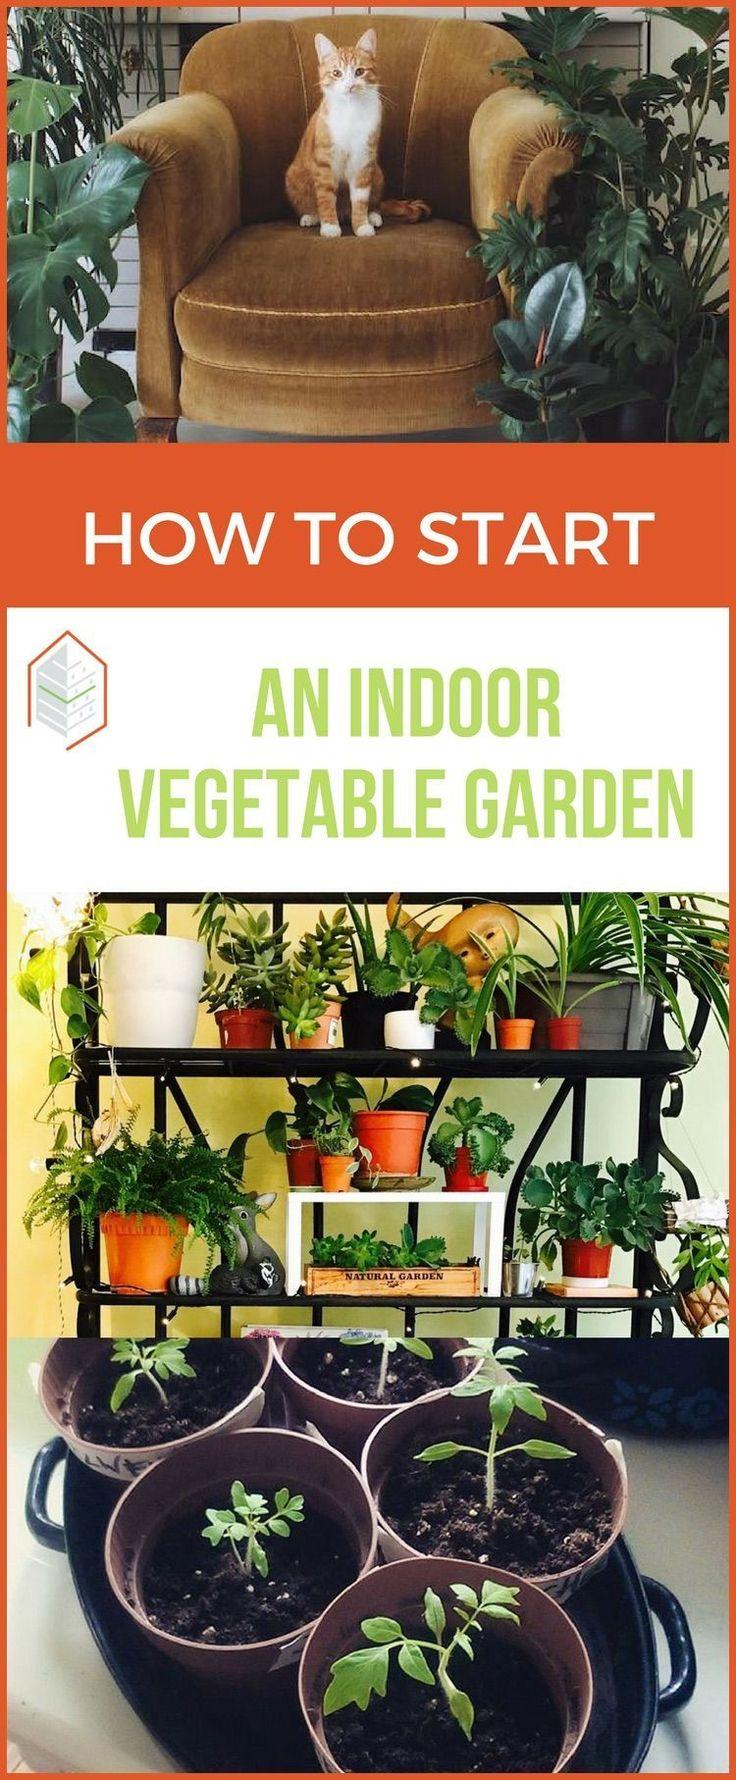 Tips on how to start an indoor vegetable garden #fallvegetablegardening